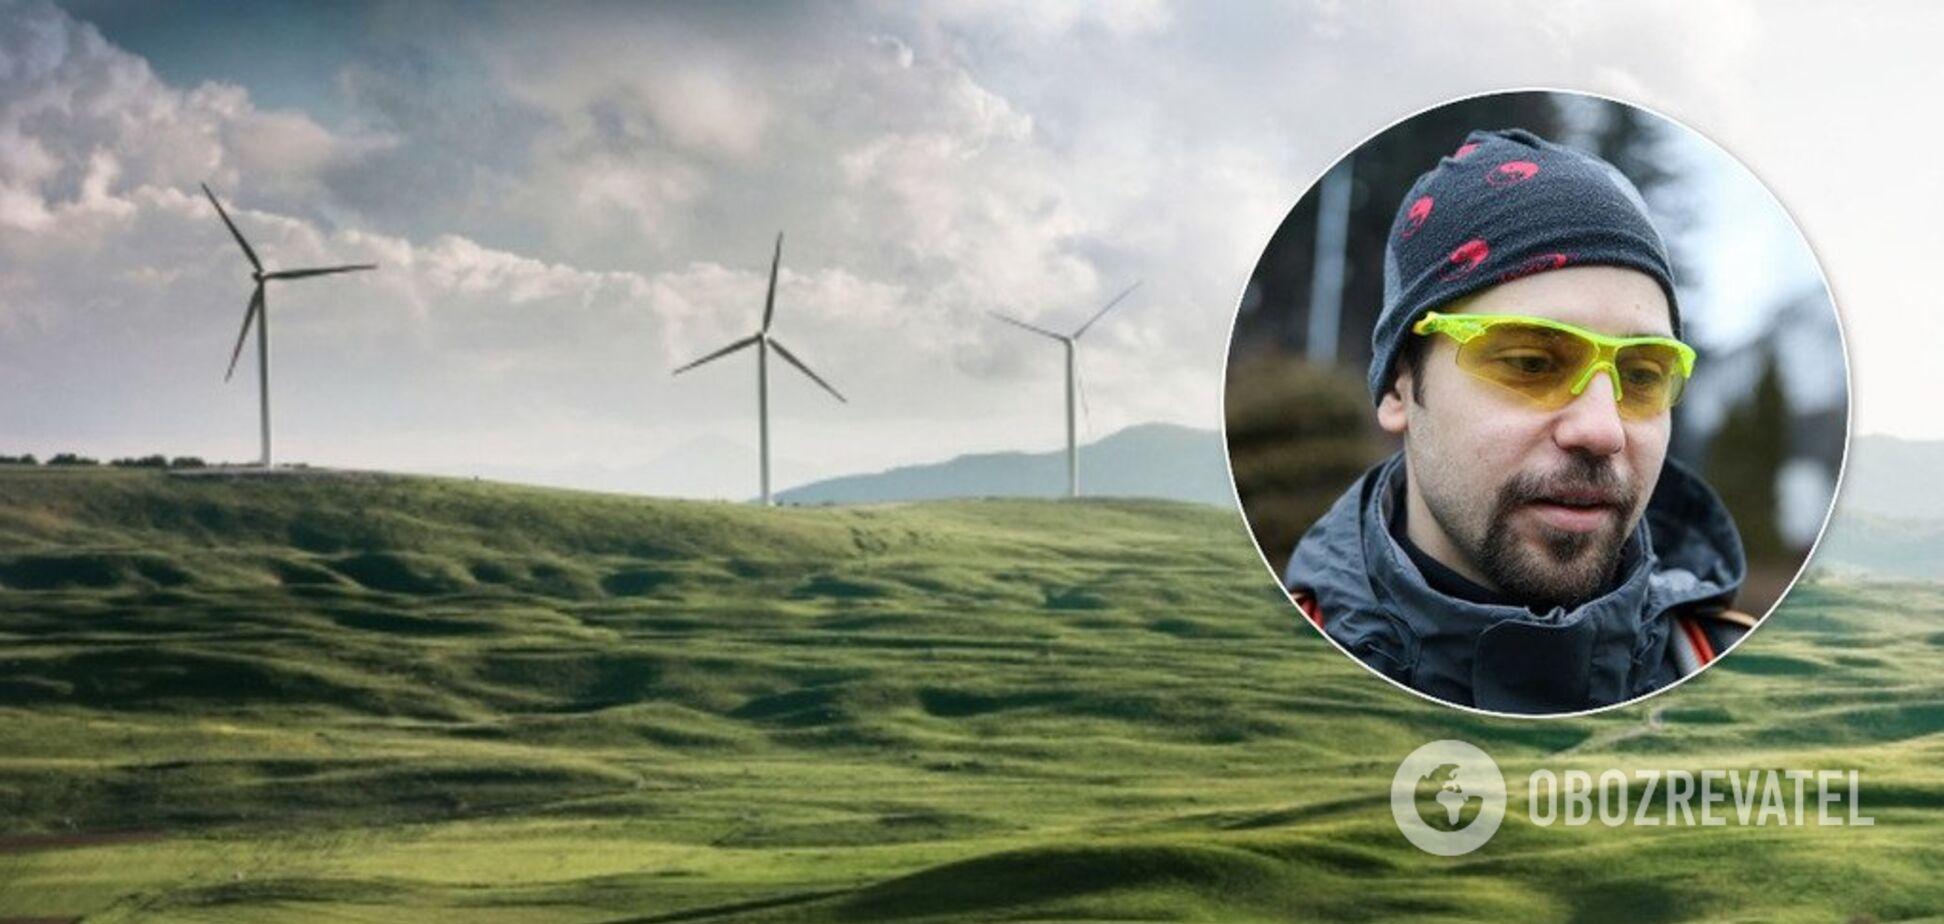 'Фундаментально изменит экономику': озвучено главное преимущество 'зеленой' энергетики